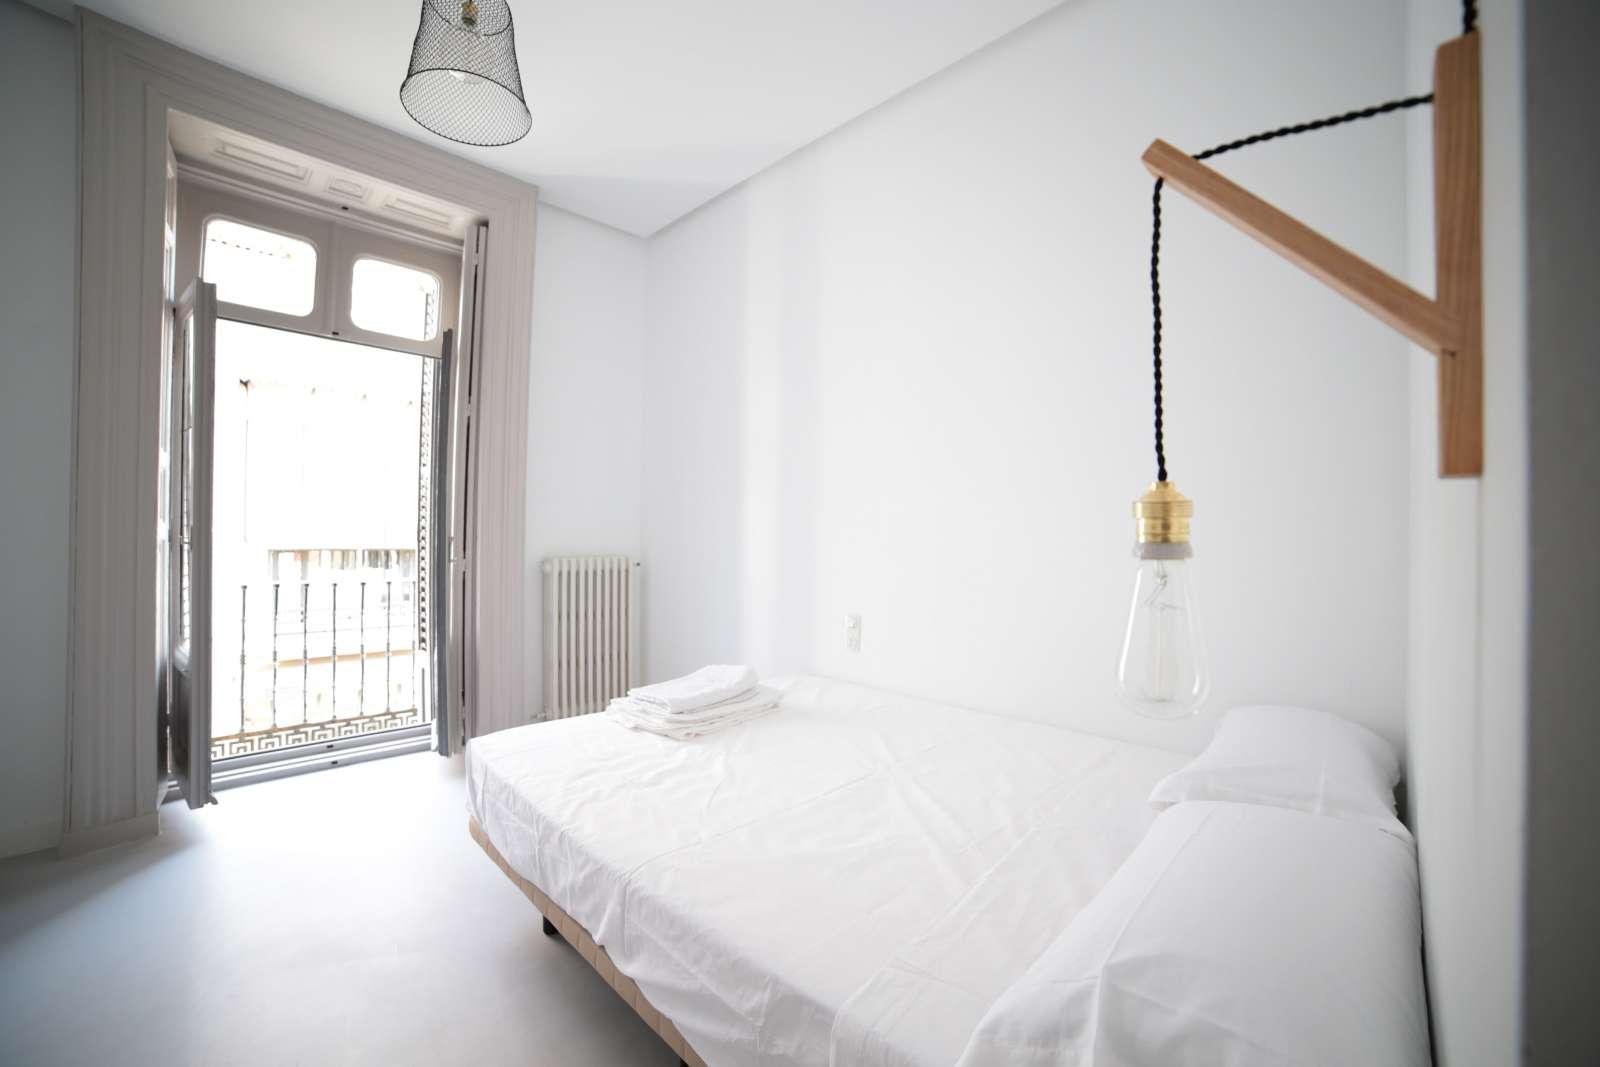 Habitaciones con ba o privado en alquiler residencia for Habitacion cuadruple madrid